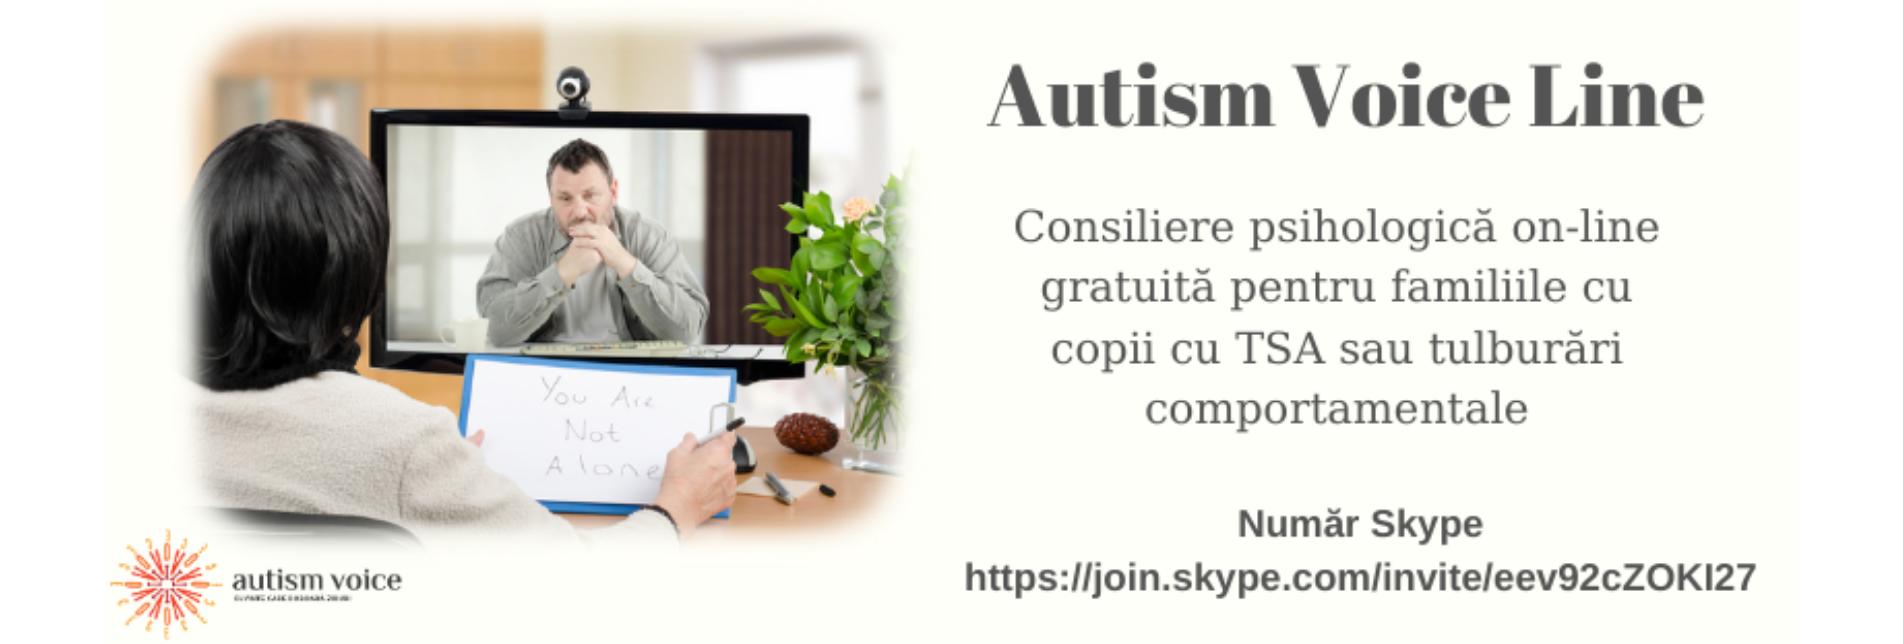 Autism Voice Line – Consiliere psihologică on-line gratuită pentru familiile cu copii cu TSA sau tulburări comportamentale